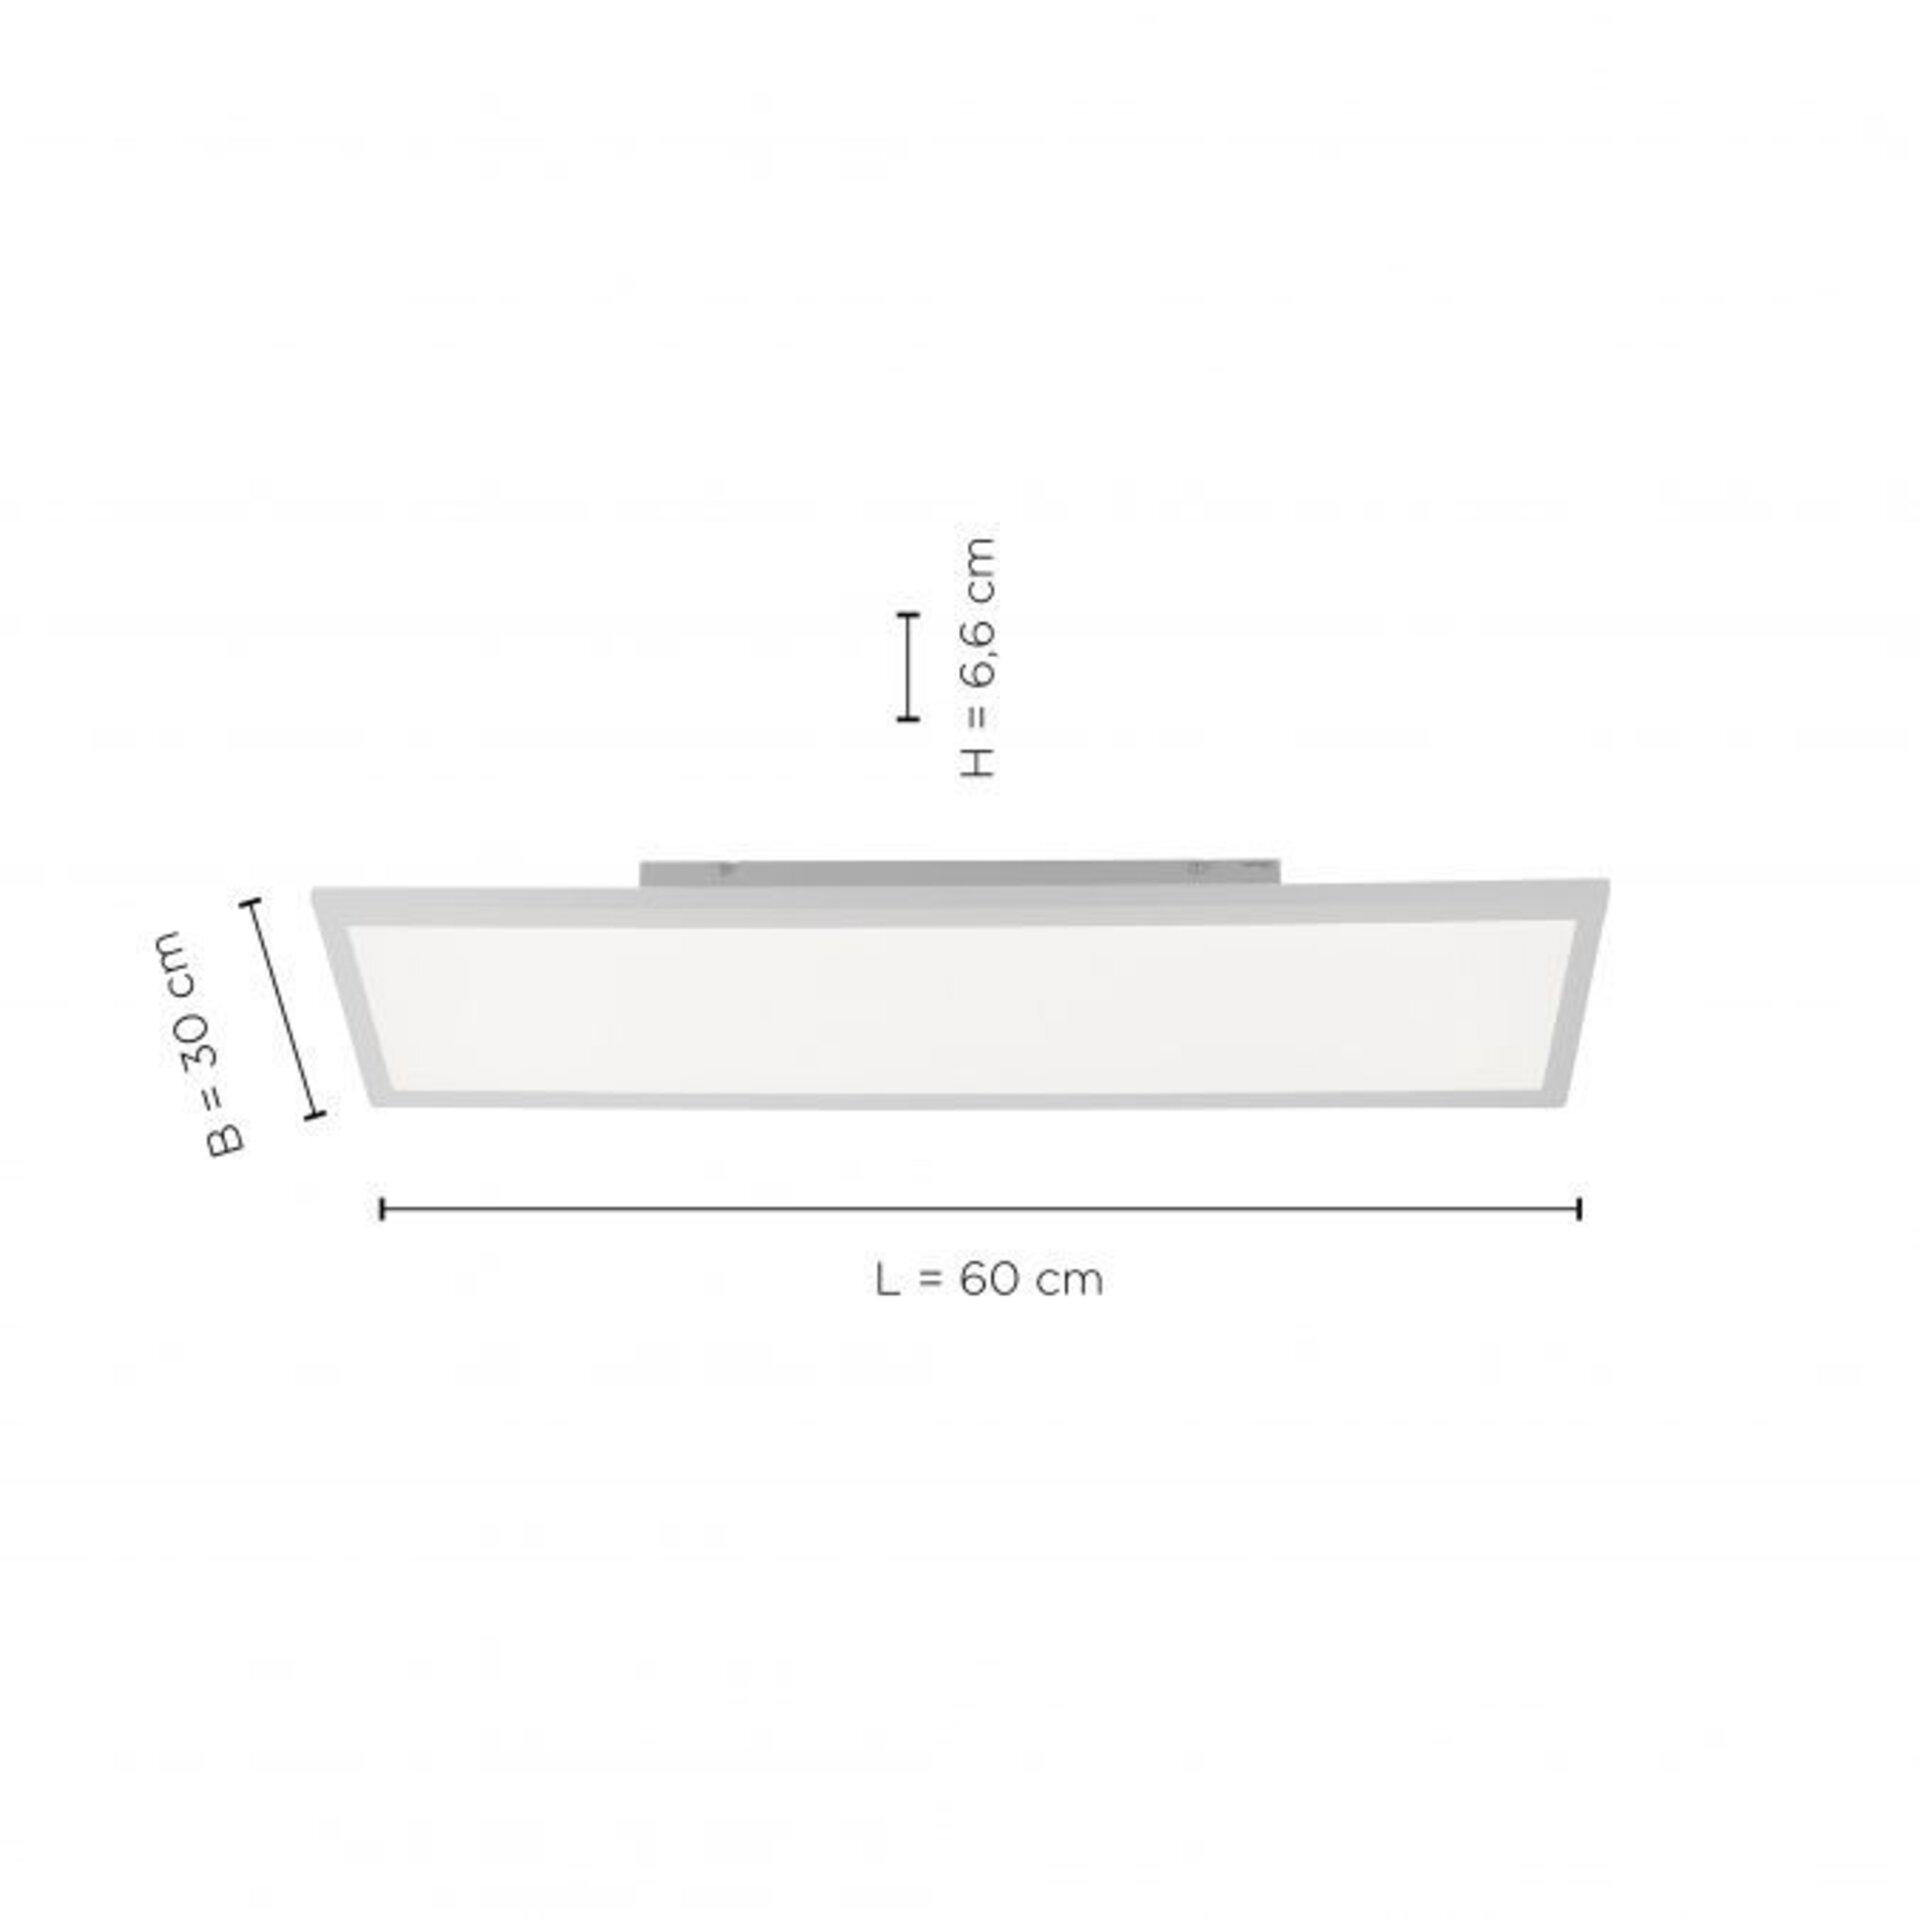 Deckenleuchte FLEET Leuchtendirekt Kunststoff 30 x 7 x 60 cm